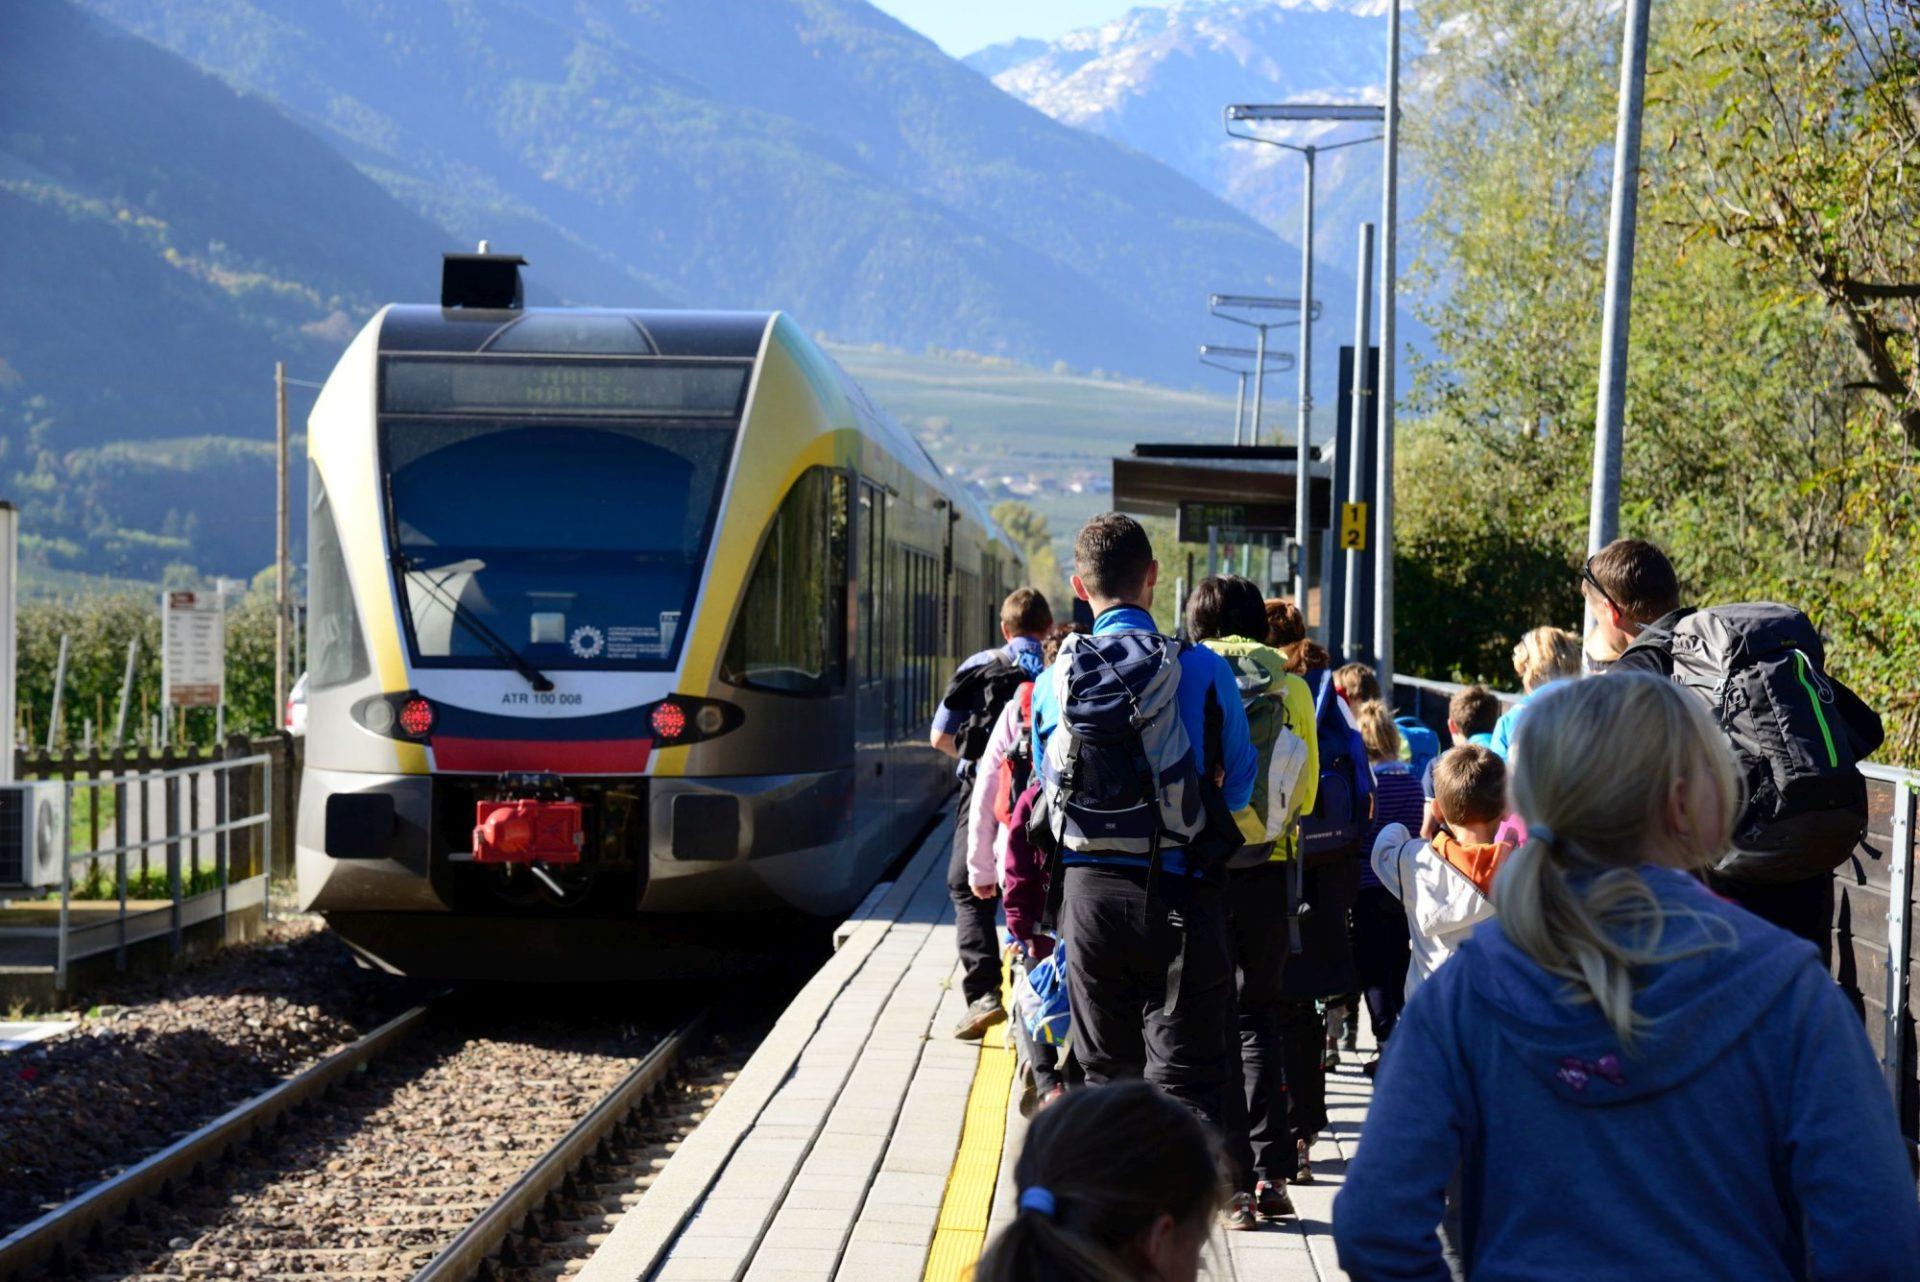 Mit Öffentlichen Verkehrsmitteln in die Berge